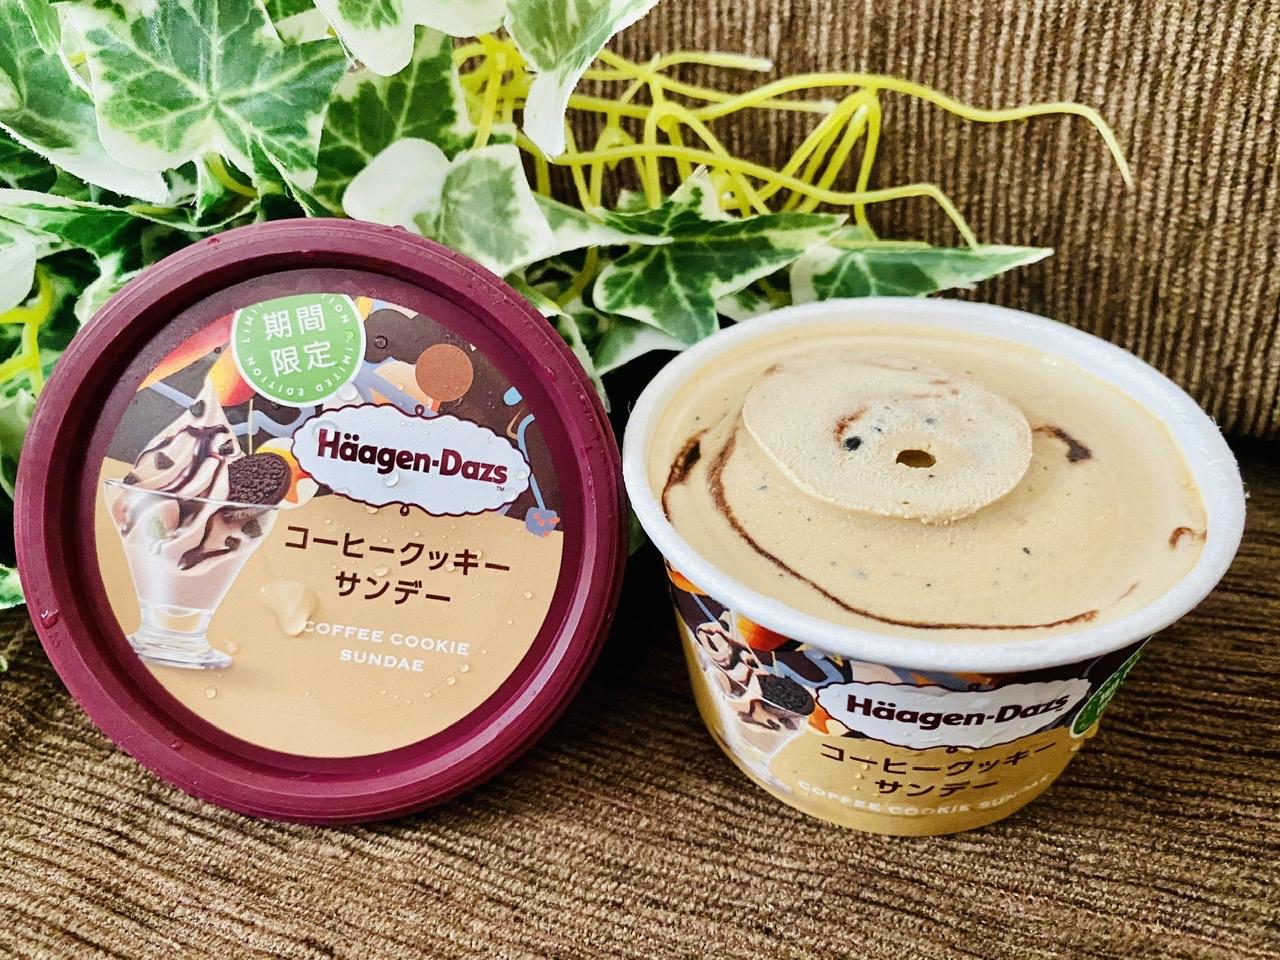 【ハーゲンダッツ新作】絶対食べて!1度で3度美味しい《コーヒークッキーサンデー》♡_2